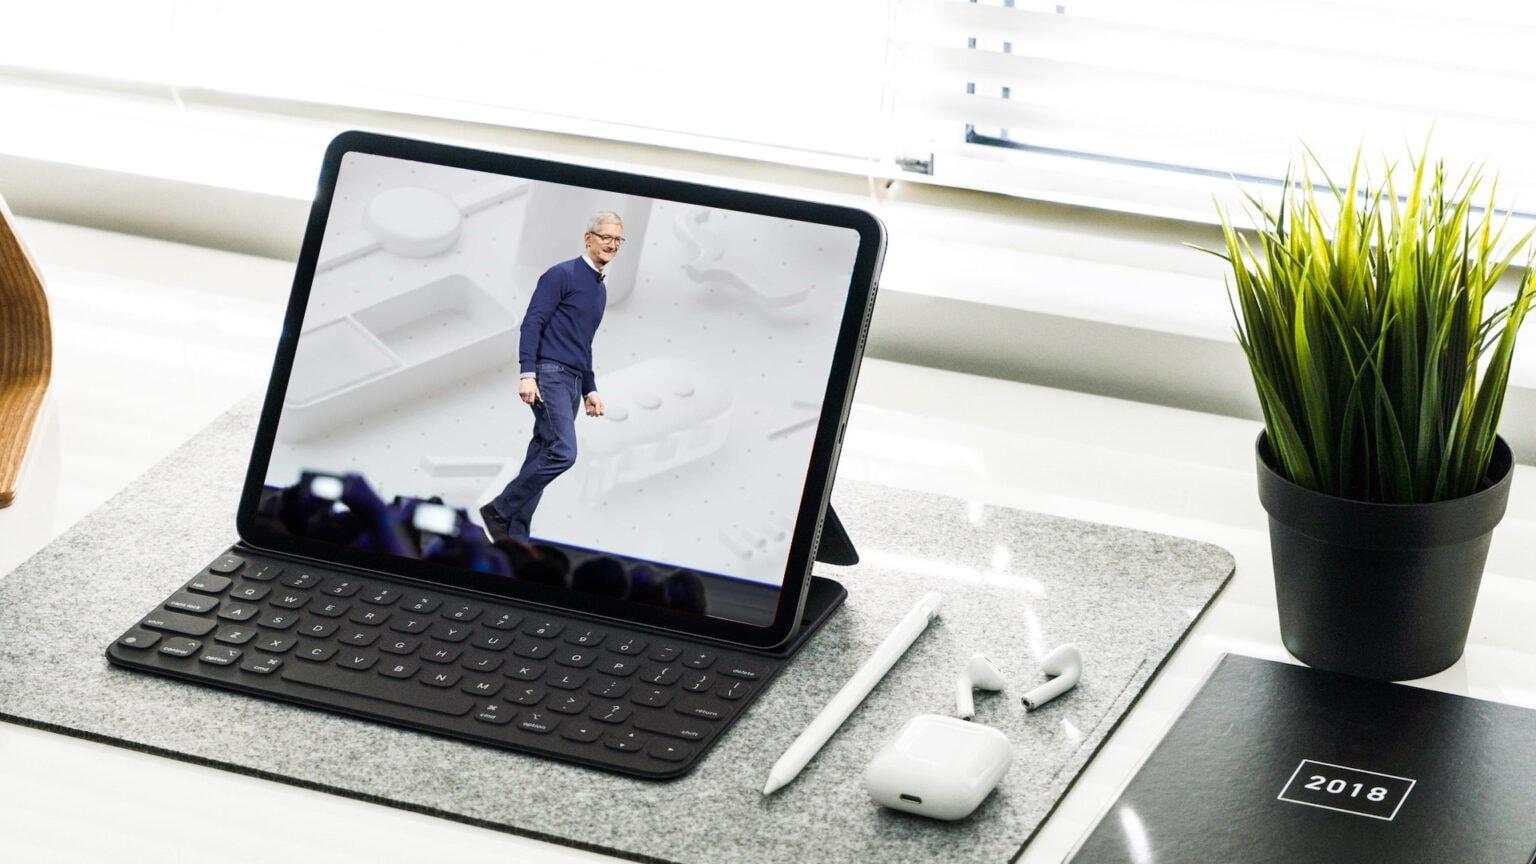 Tim Cook at WWDC on iPad